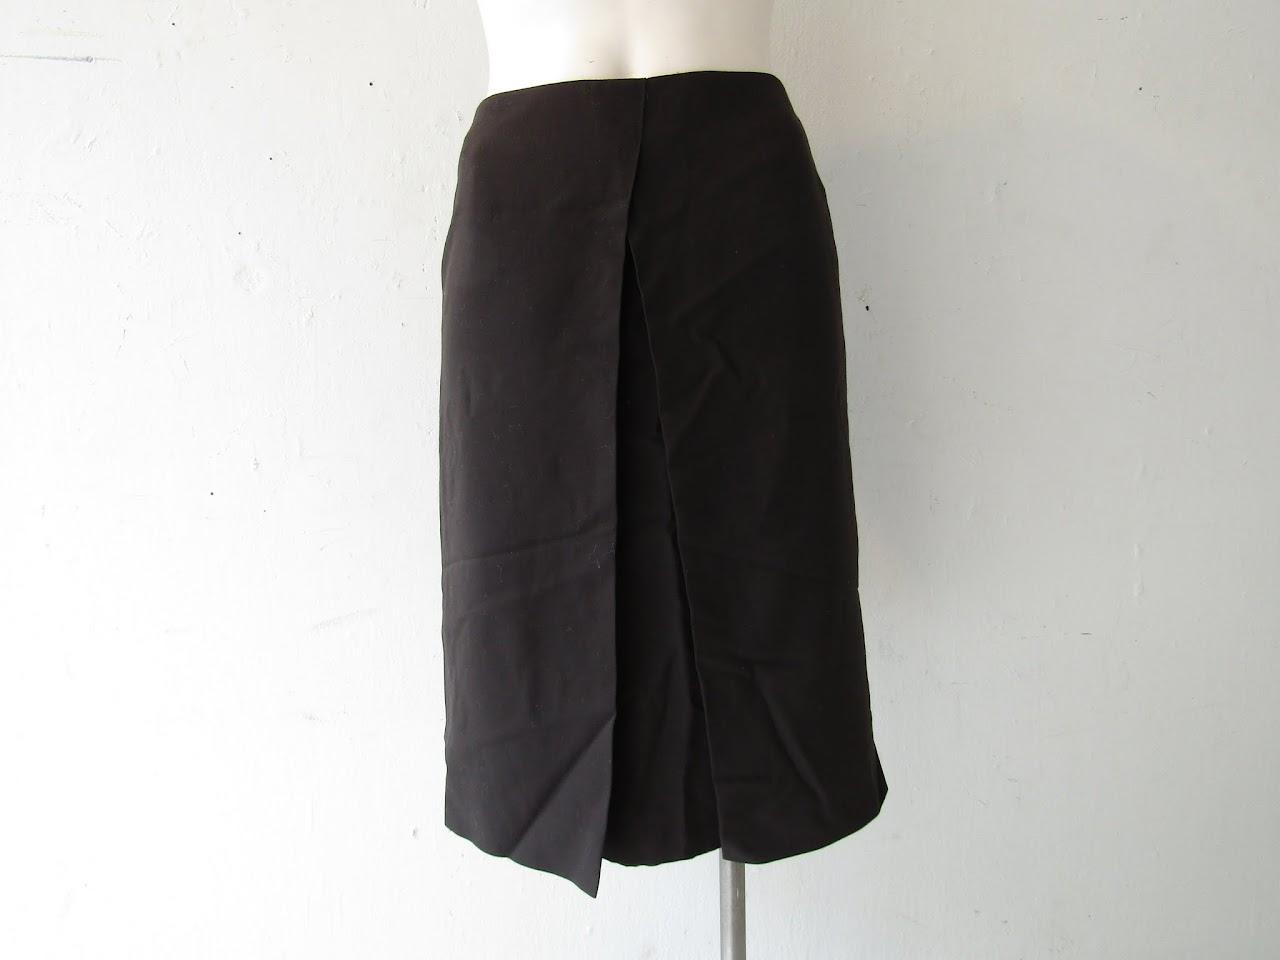 Hermes Black Wool Skirt